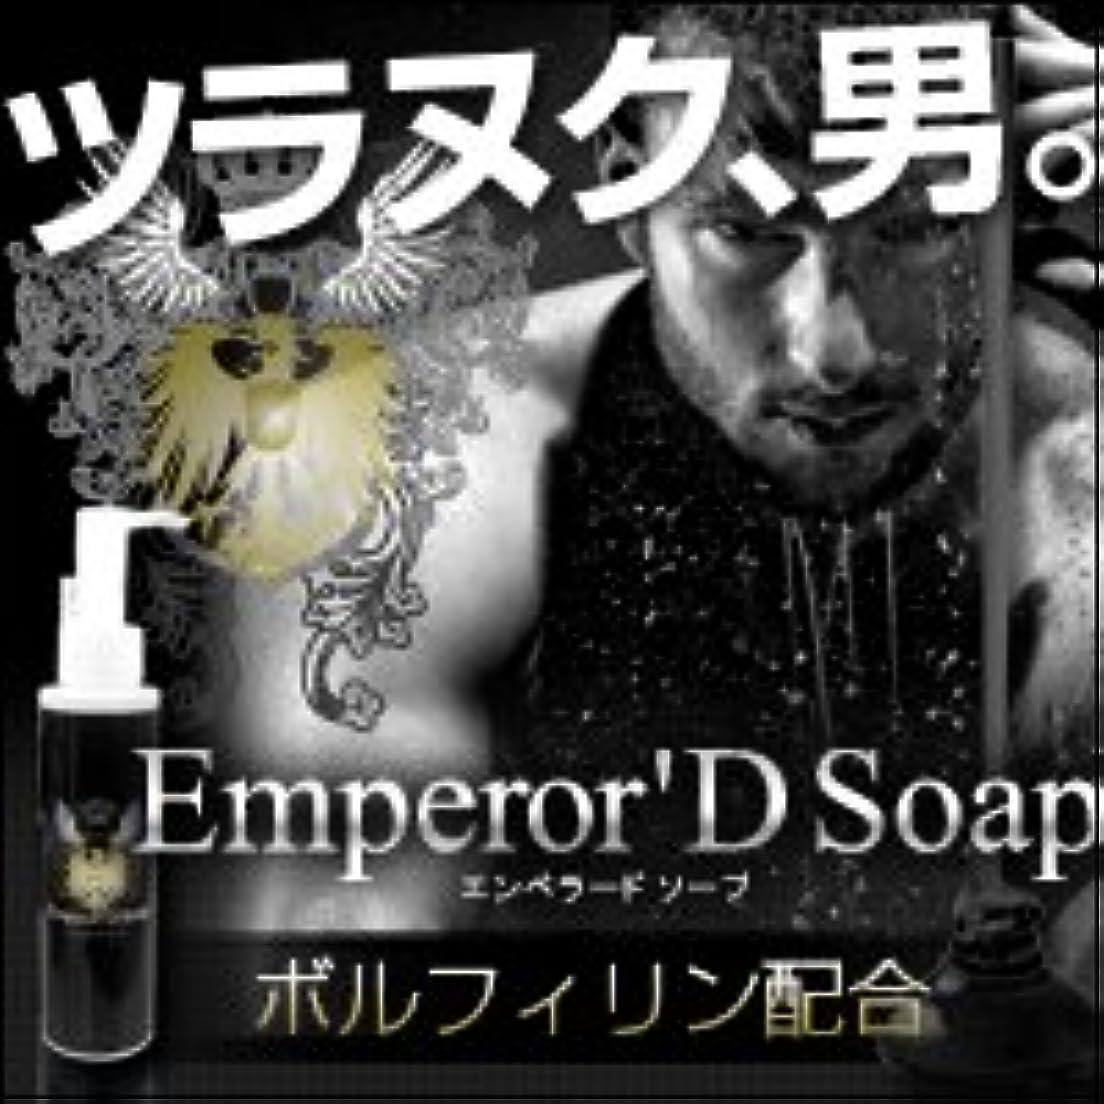 ドール追い出す免疫【Emperor'D Soap(エンペラードソープ)】ツラヌク男になる!!!